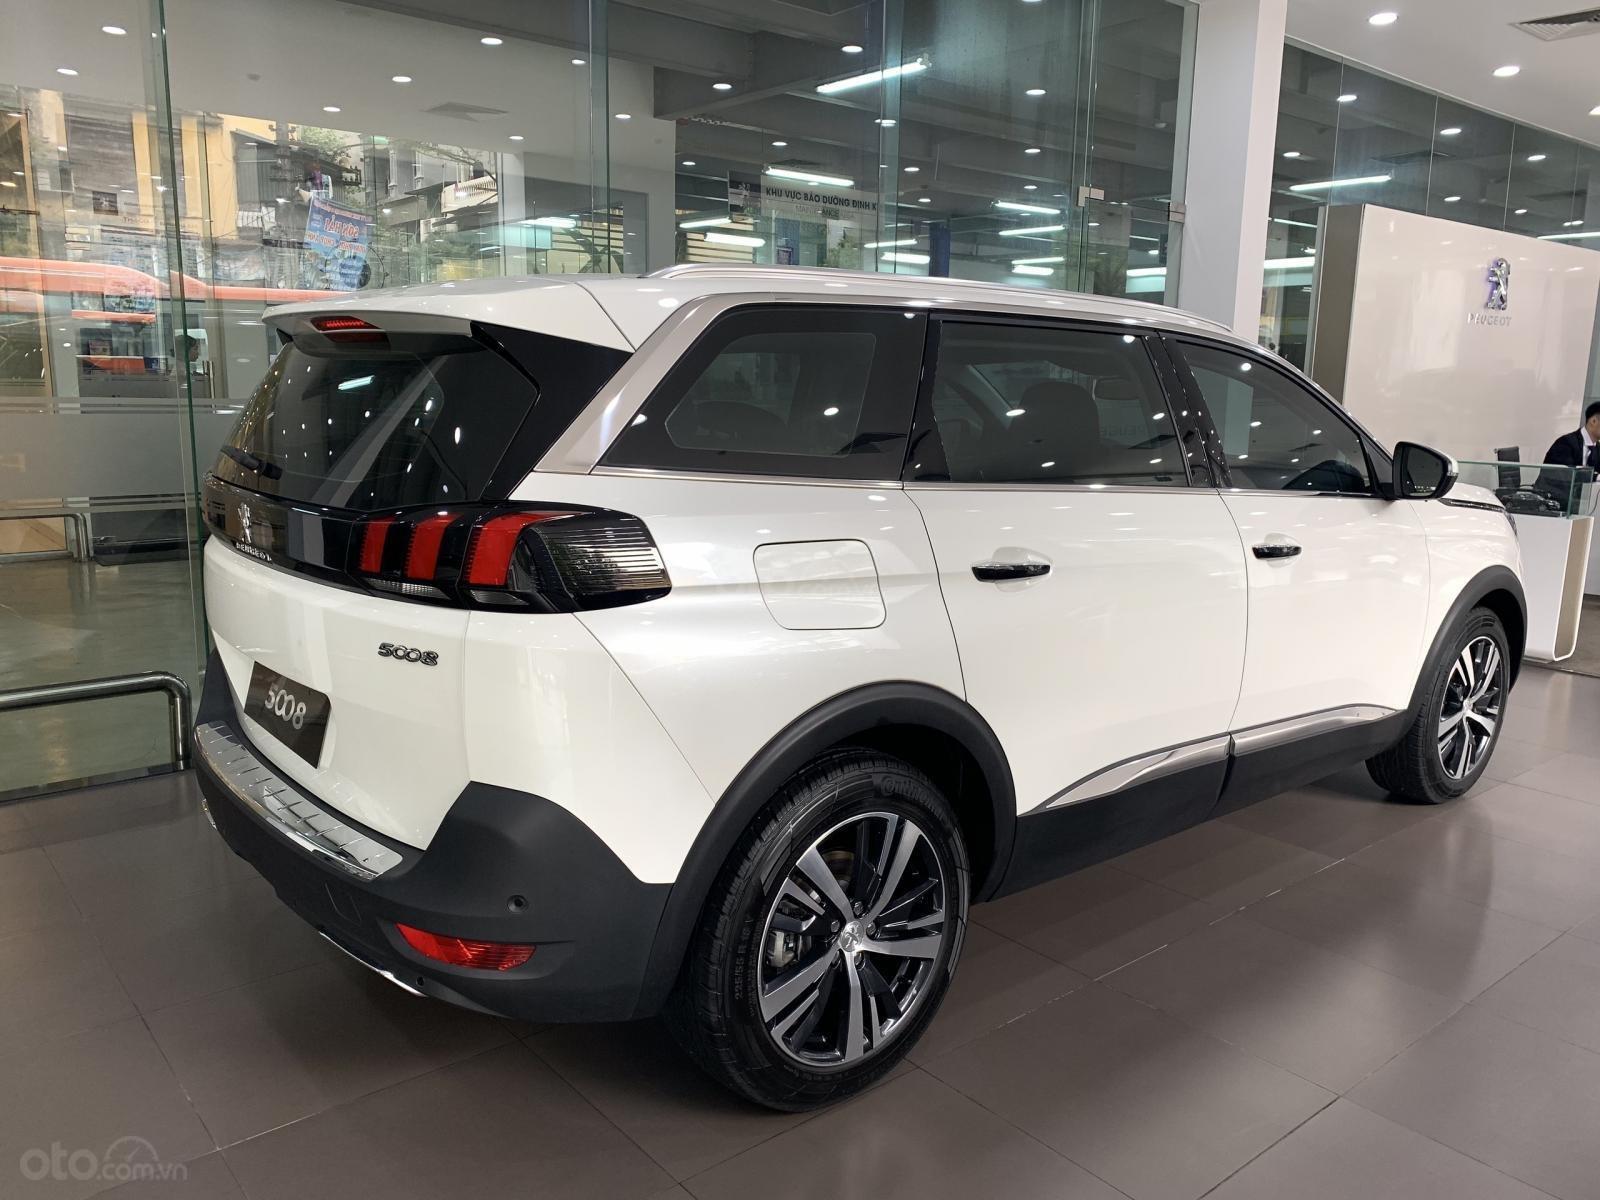 Peugeot Long Biên - Peugeot 5008 2019 siêu HOT - trả trước 350 triệu - xe giao ngay - khuyến mãi khủng, giá sốc-4